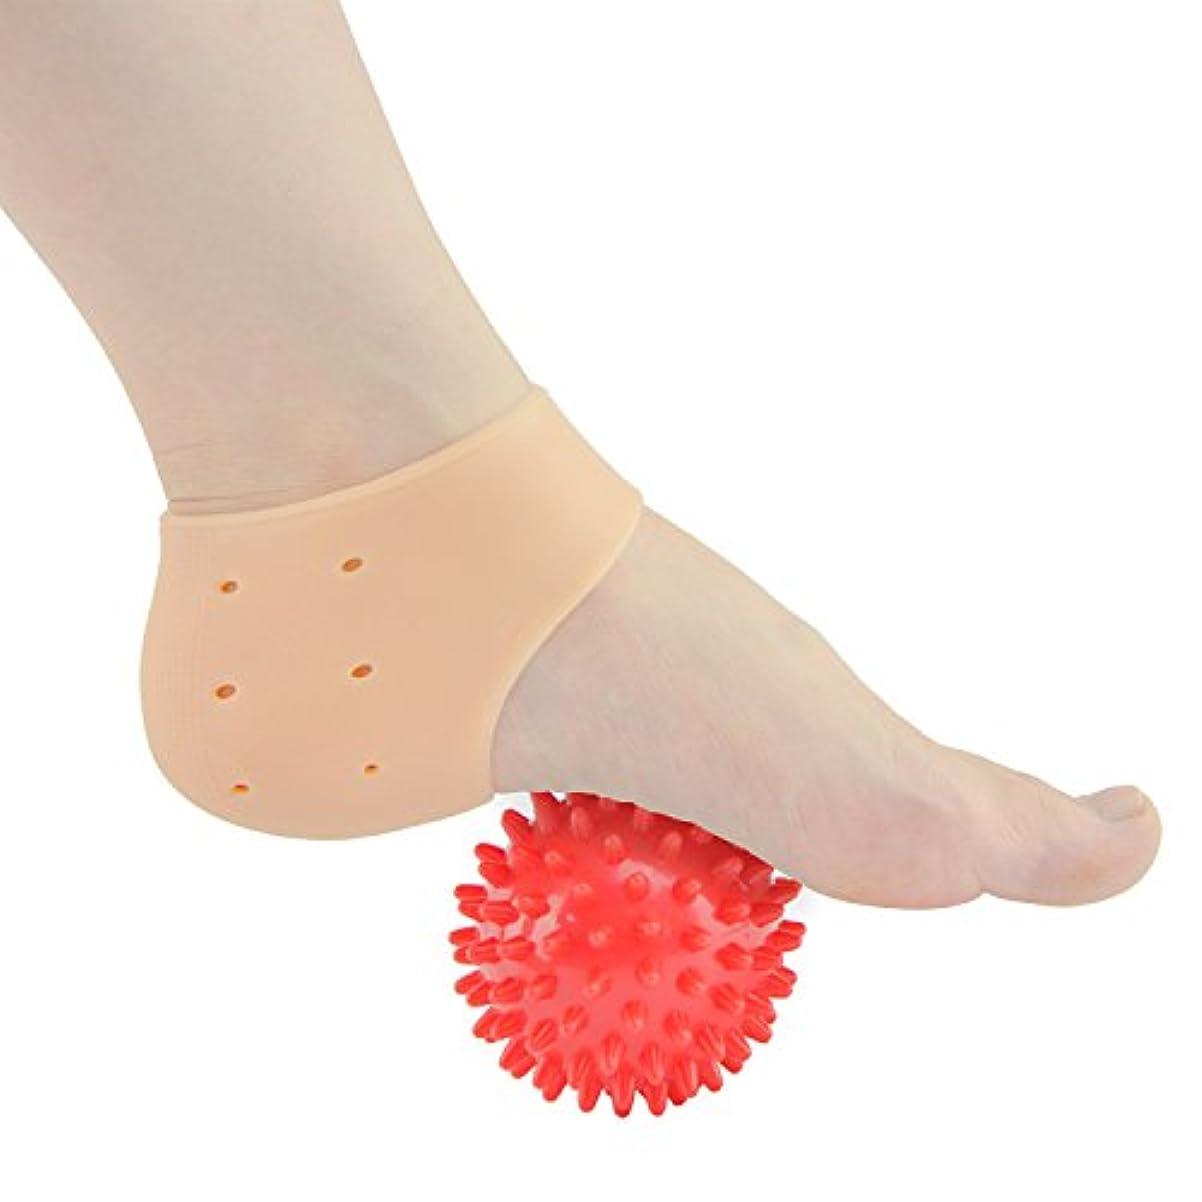 ディプロマアライアンス恥ずかしいSumifun かかと保護カバー, 足底筋膜炎治療ラップジェルスリーブフットマッサージ足痛み軽減 かかと痛サポーター 衝撃吸収 ジェルサポーター かかとケア 美足 保湿 かかと靴下